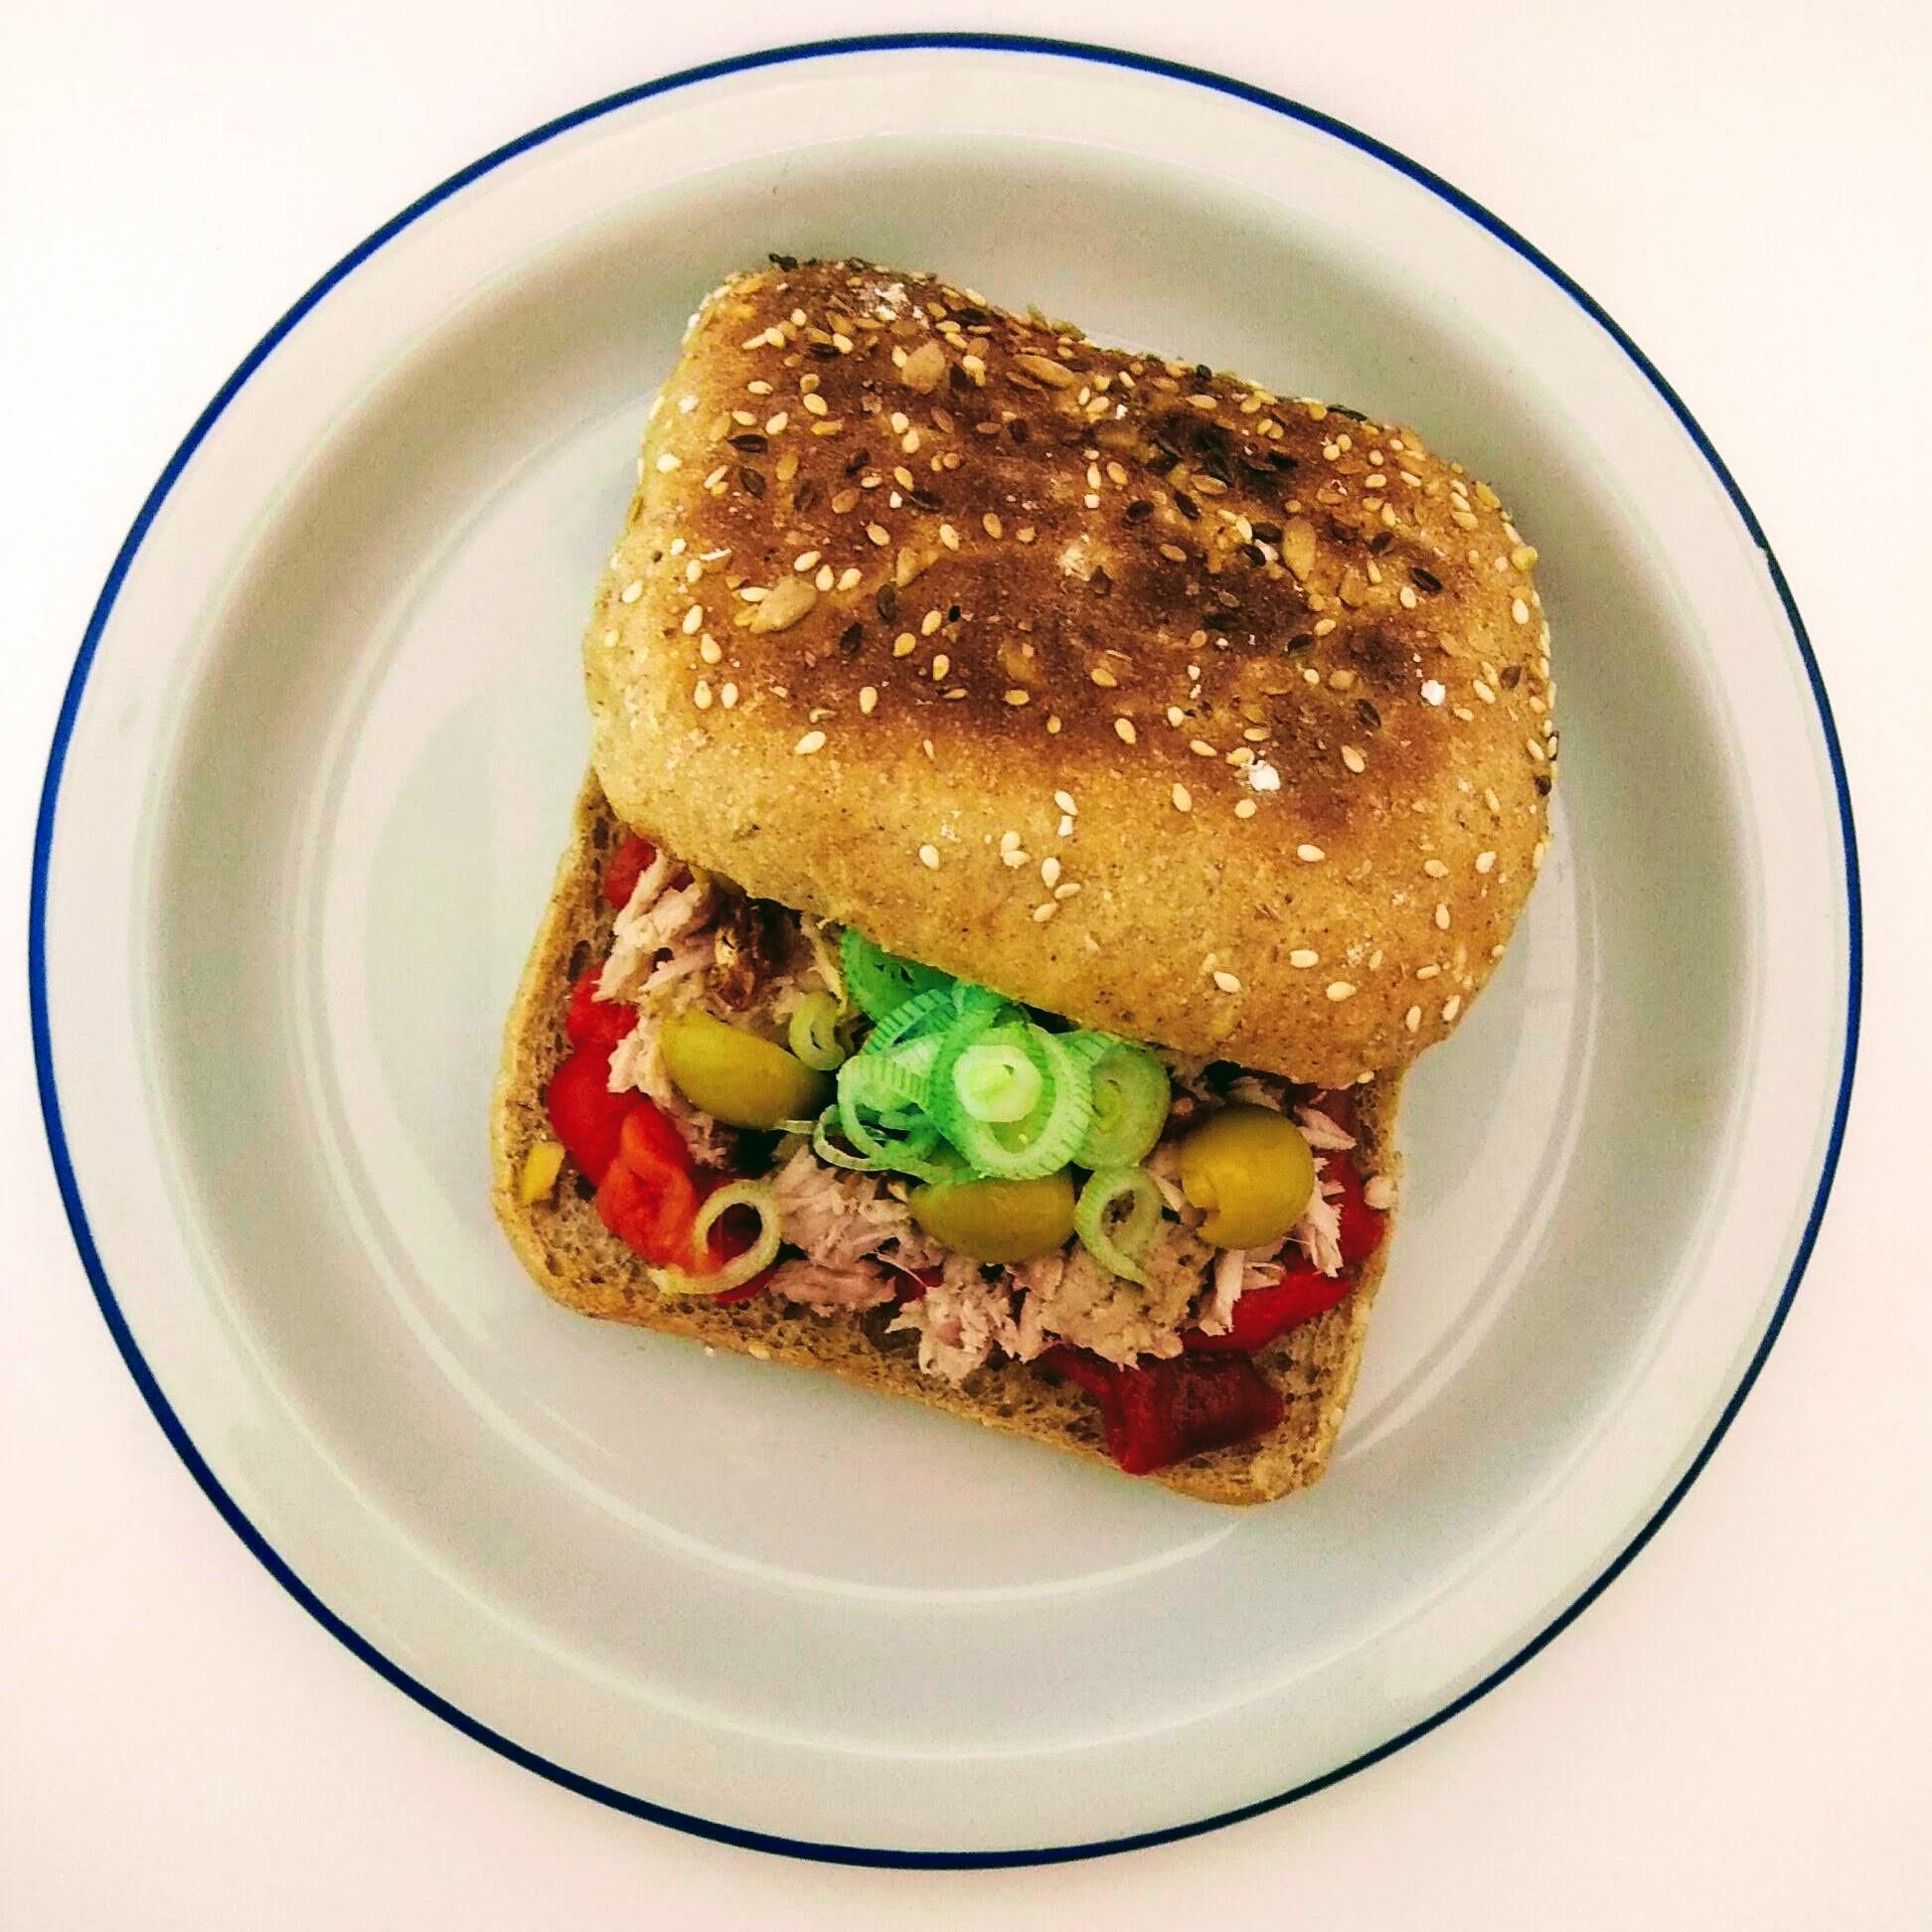 Receta fácil de sándwich d'escalivada. Descúbrela en: www.cocinandoconlola.com